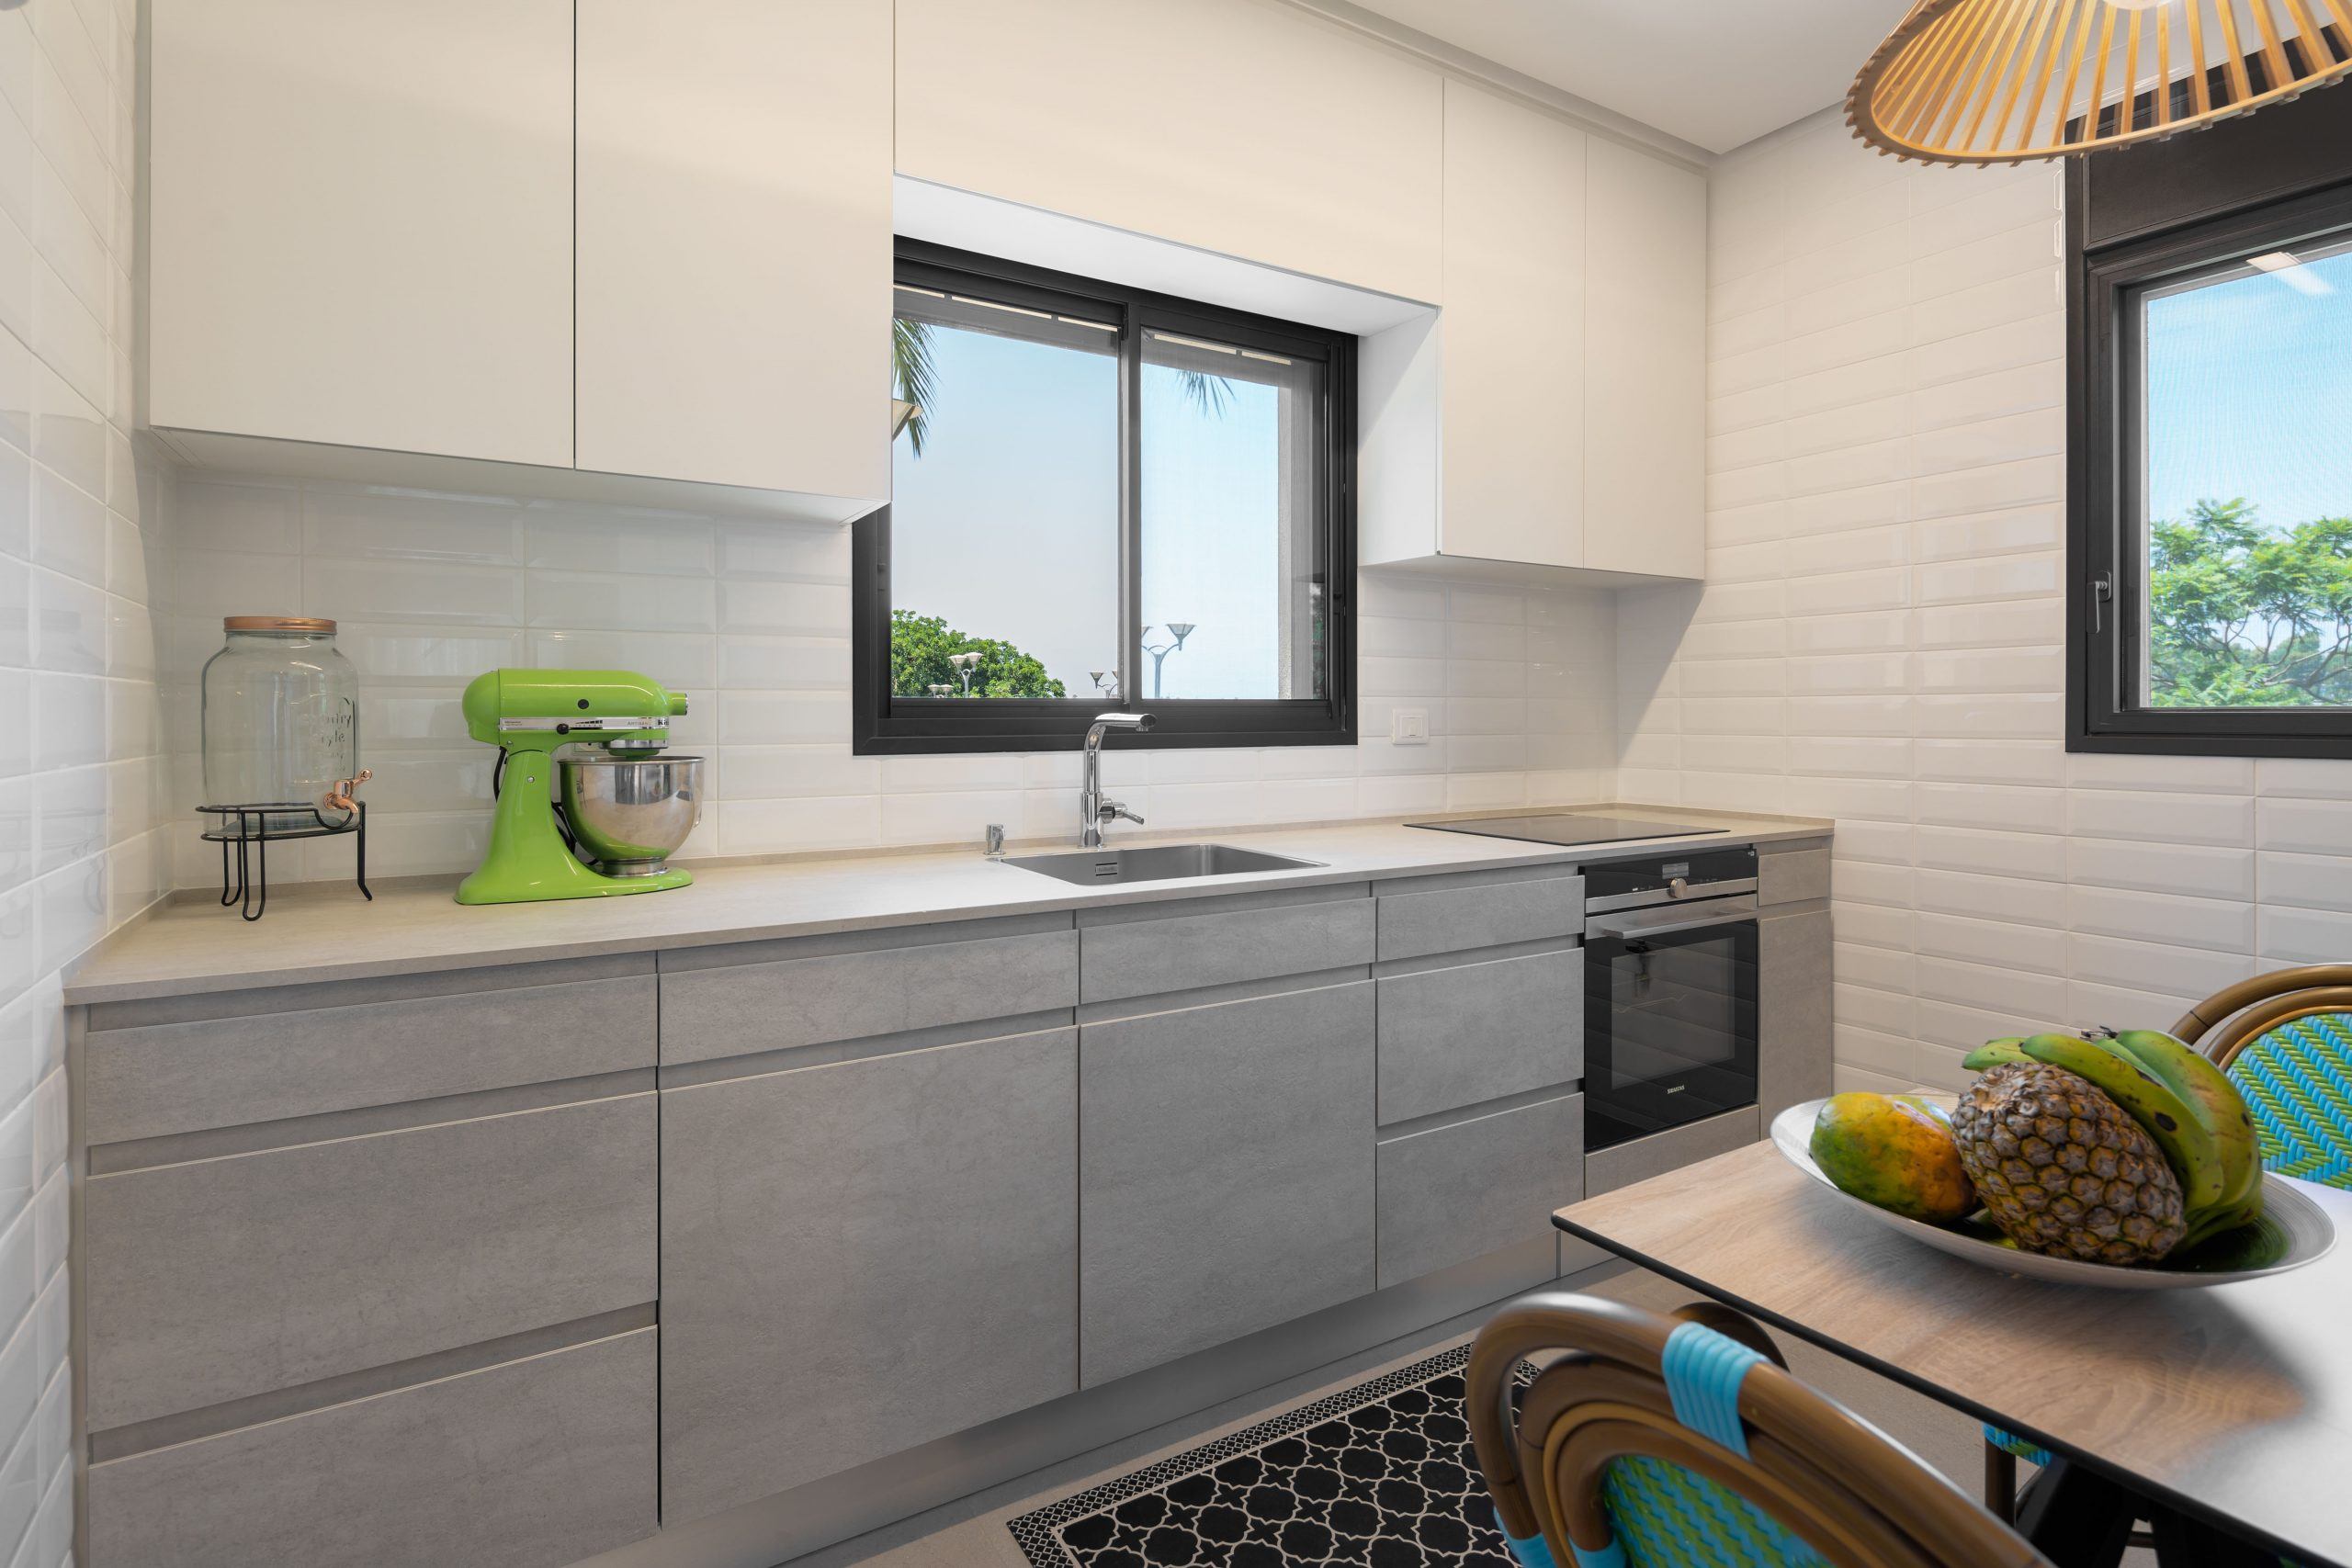 מטבח בעיצוב מודרני לבן ואפור